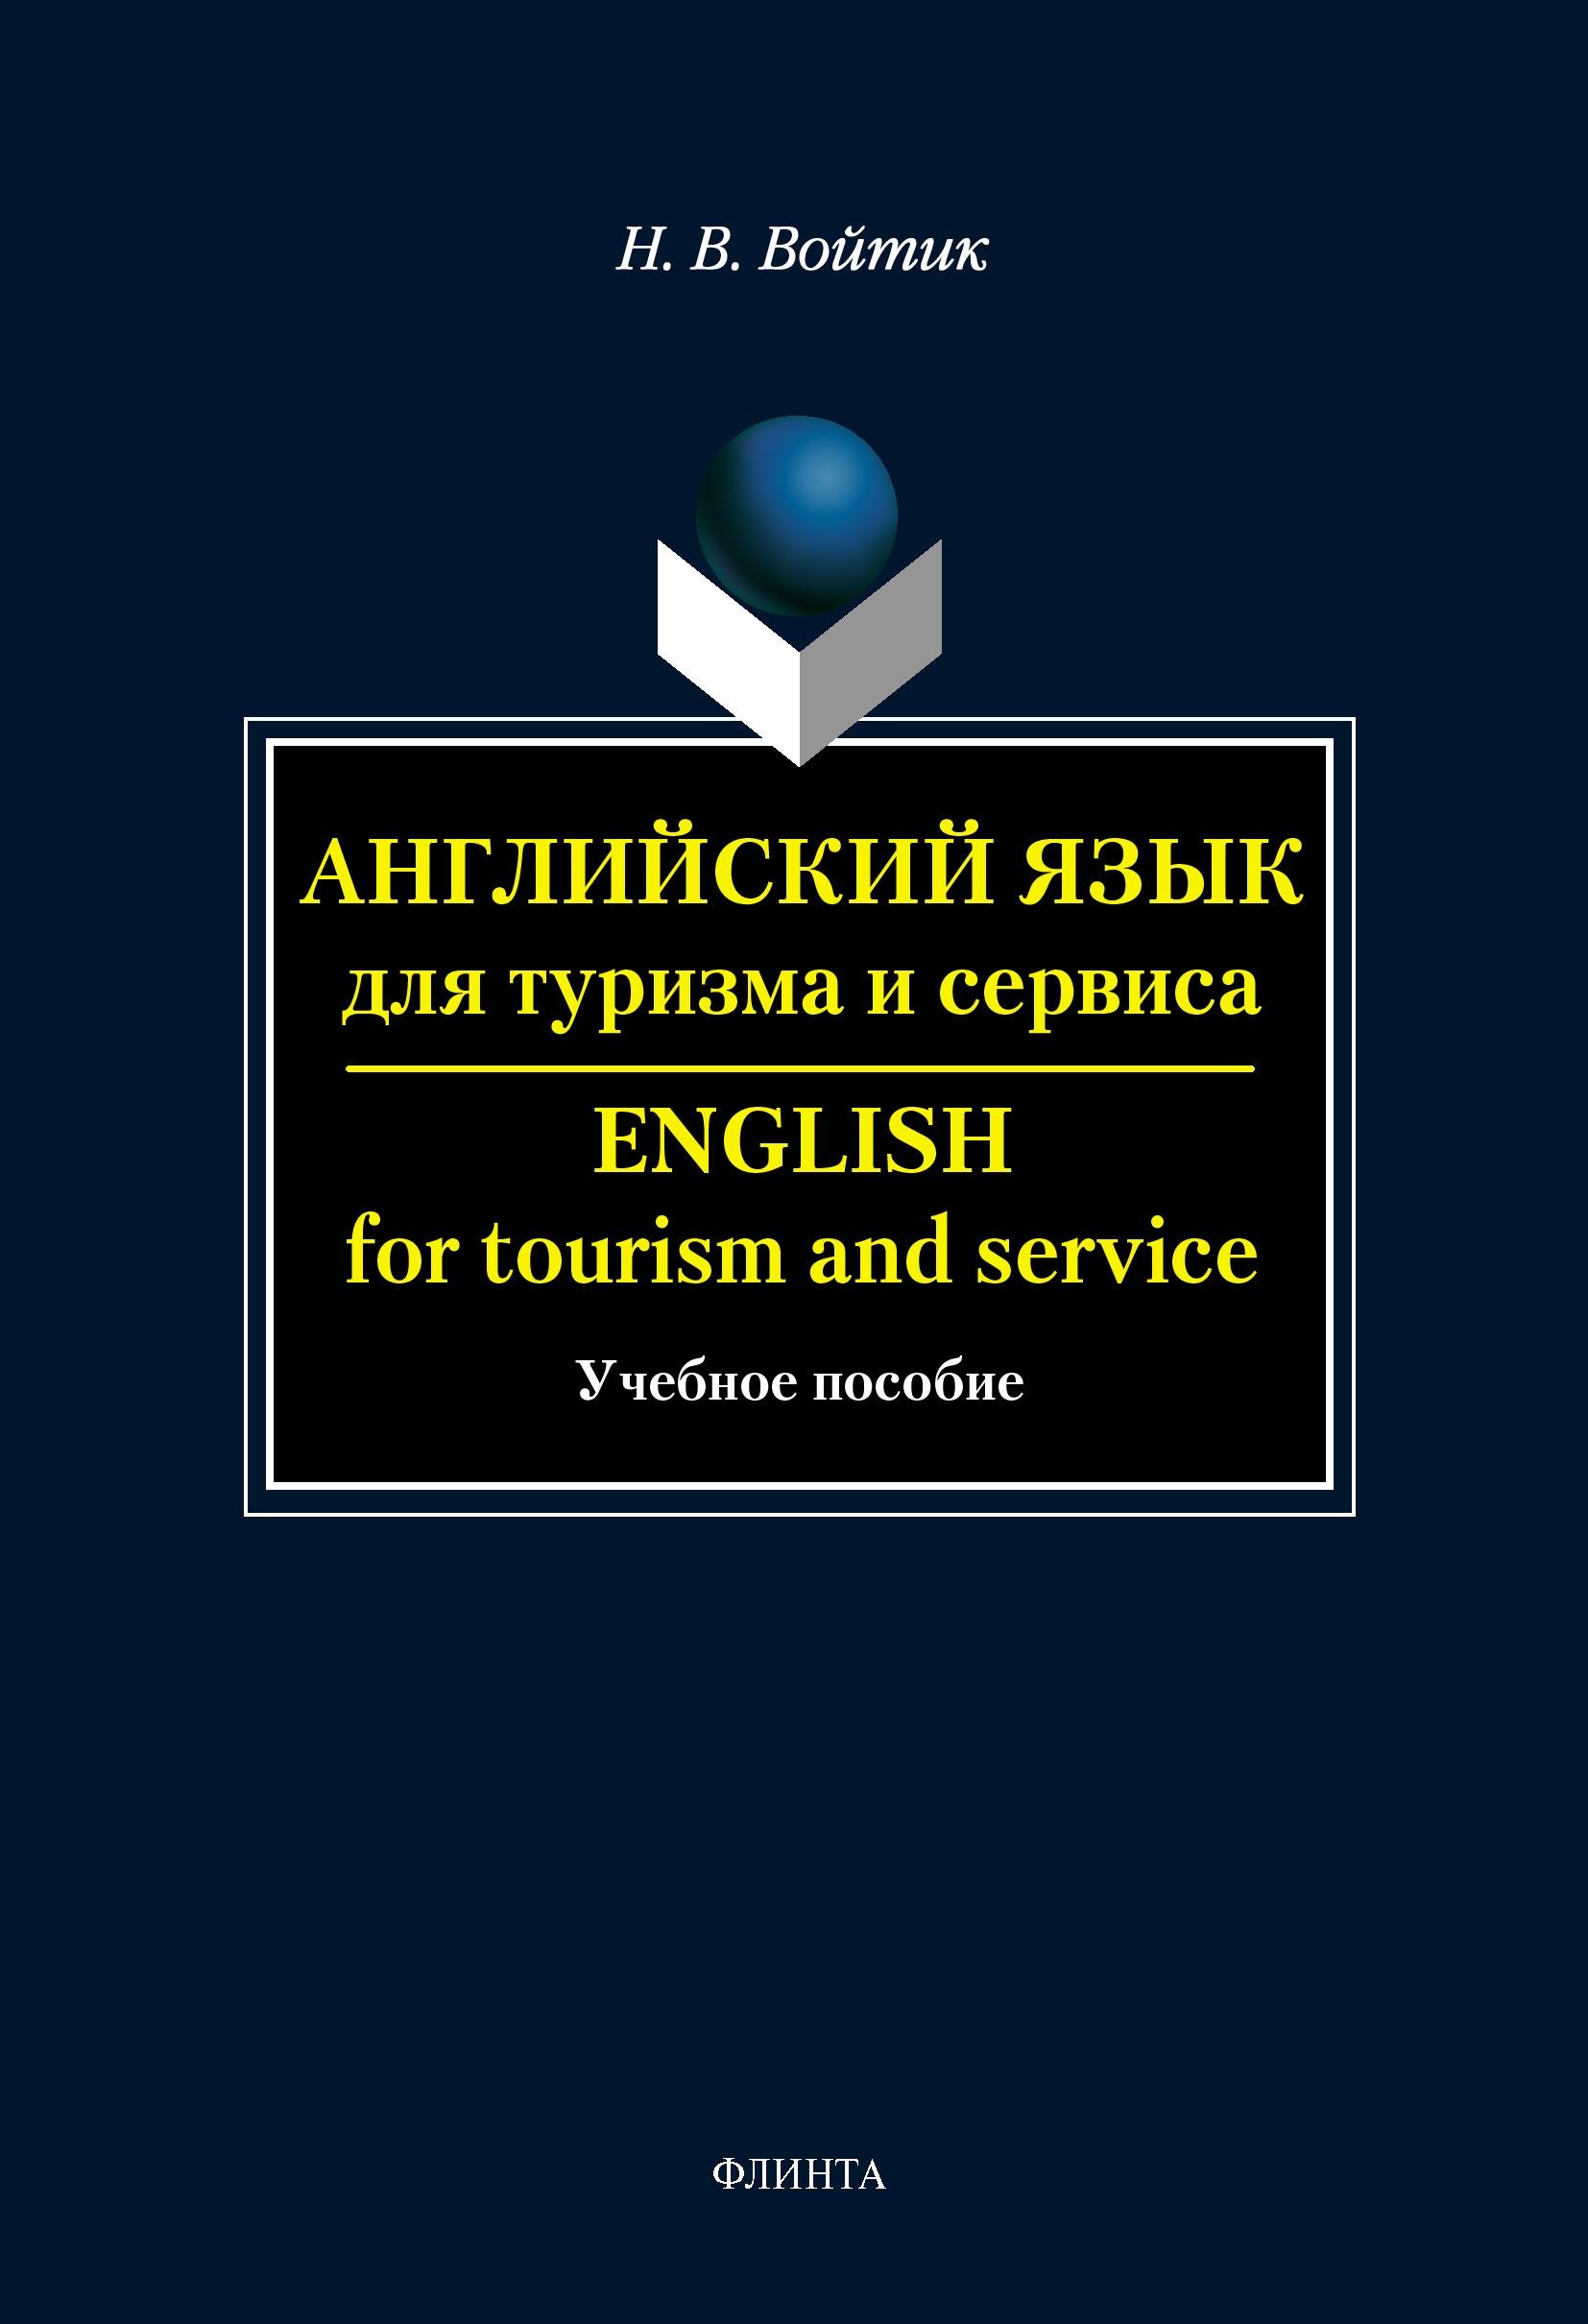 Н. В. Войтик Английский язык для туризма и сервиса. English for Tourism and Service: учебное пособие недорого